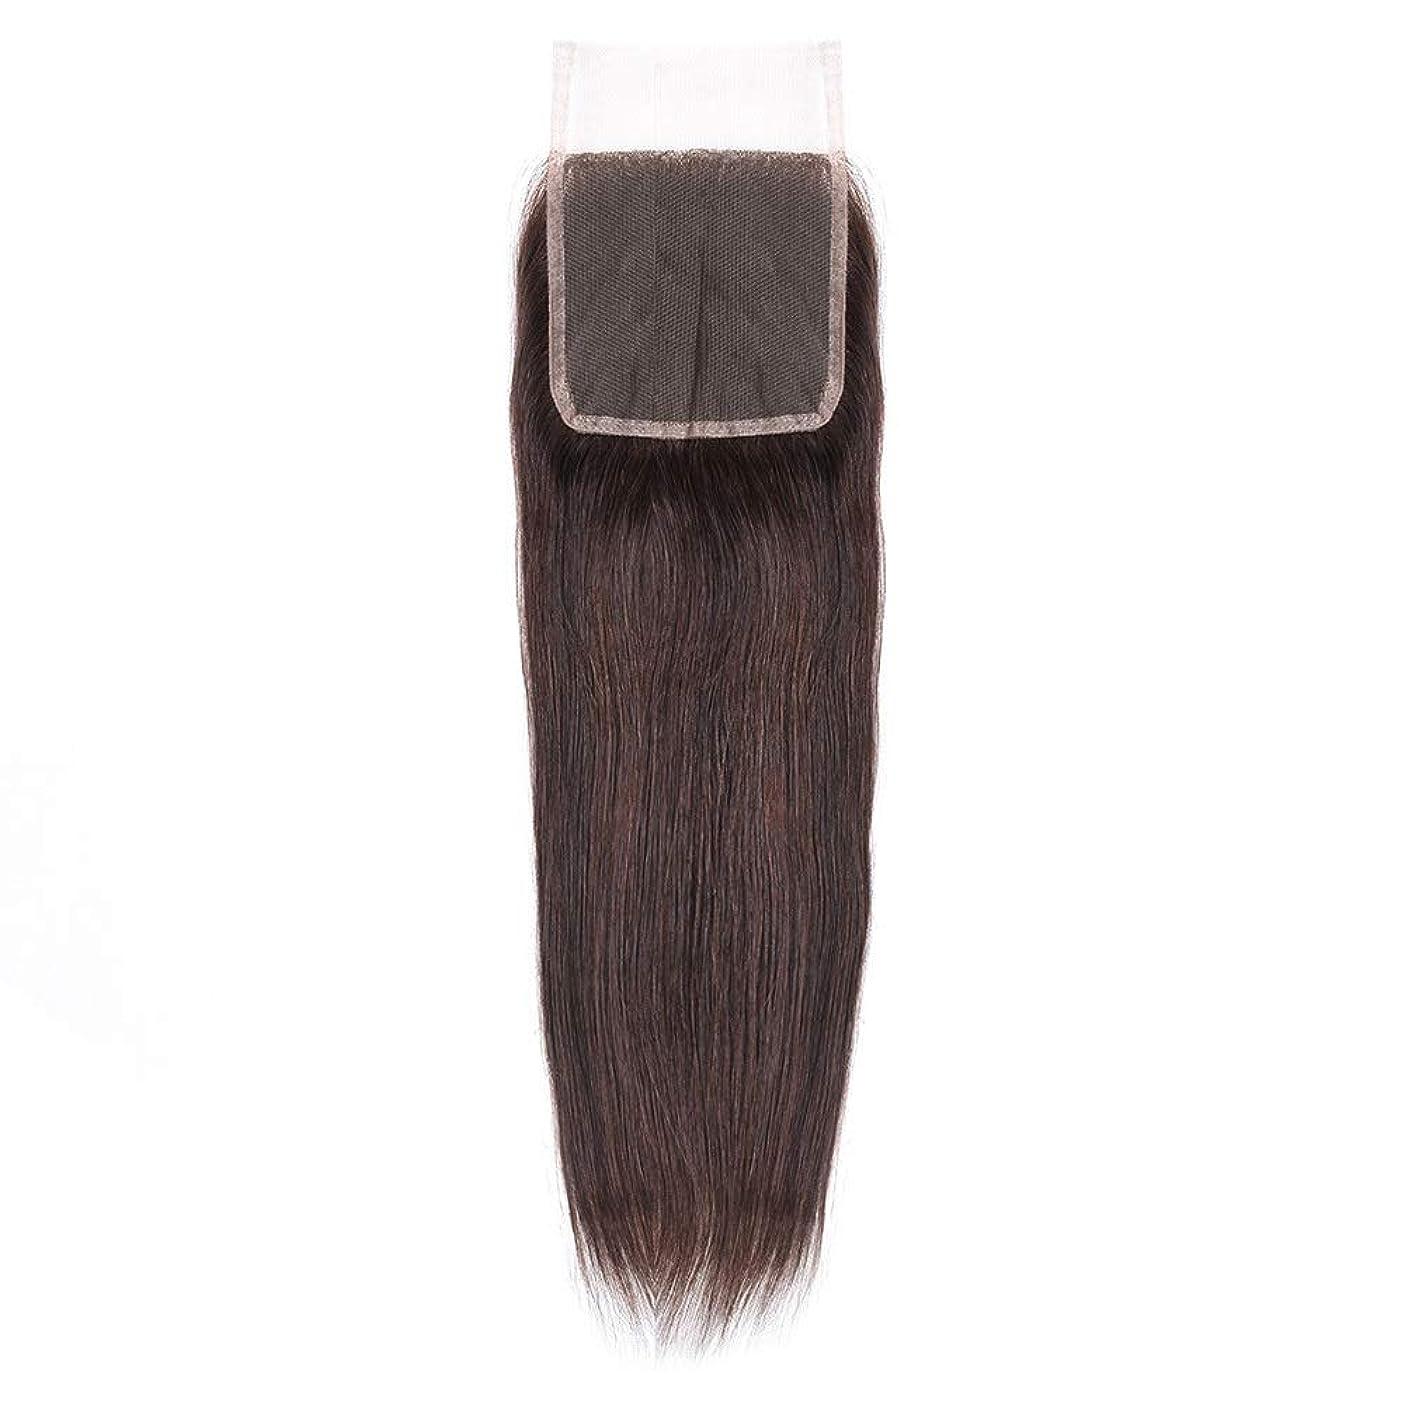 音声パイプライン散るBOBIDYEE 絹のような長い茶色のレースの閉鎖ストレートヘアレース前頭ブラジル髪の耳に4 x 4自由な部分の人間の毛髪の女性の合成かつらレースのかつらロールプレイングかつら (色 : 黒, サイズ : 20 inch)